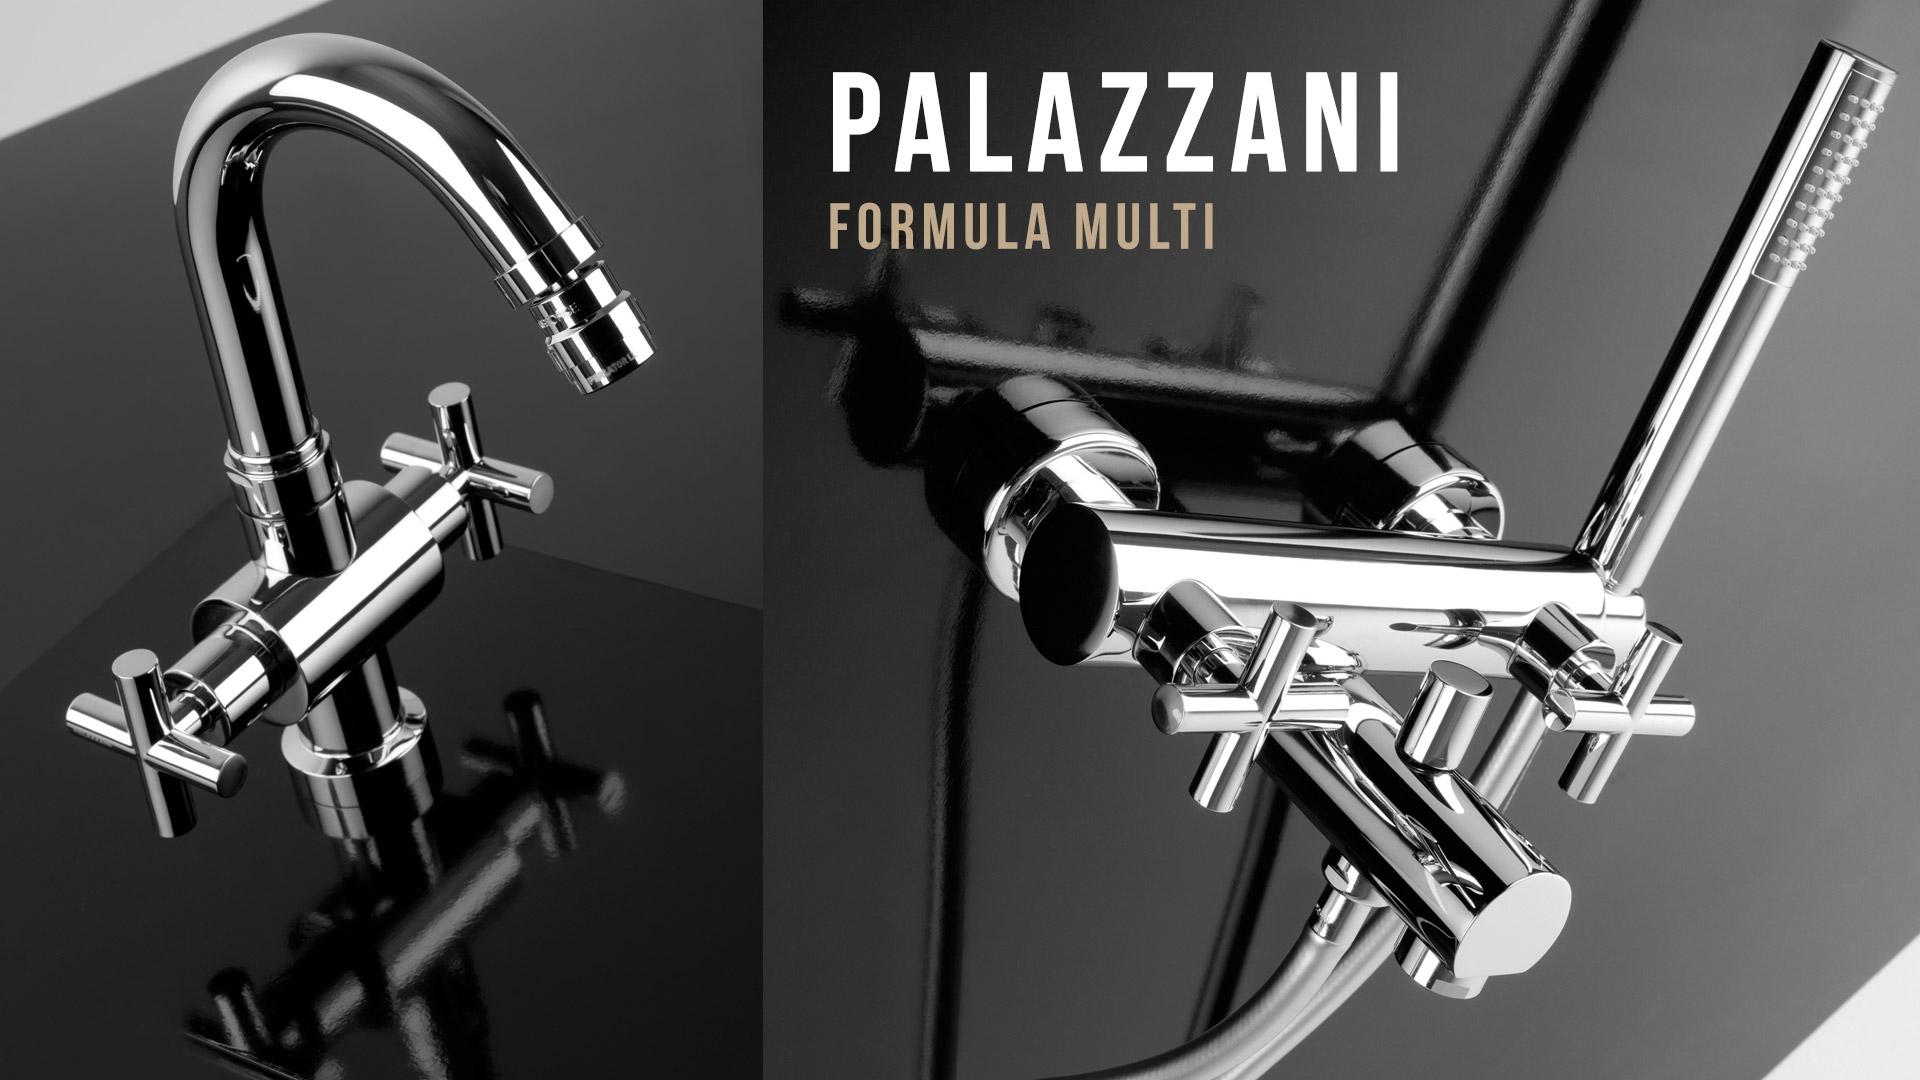 Palazzani Formula Multi Slide 1